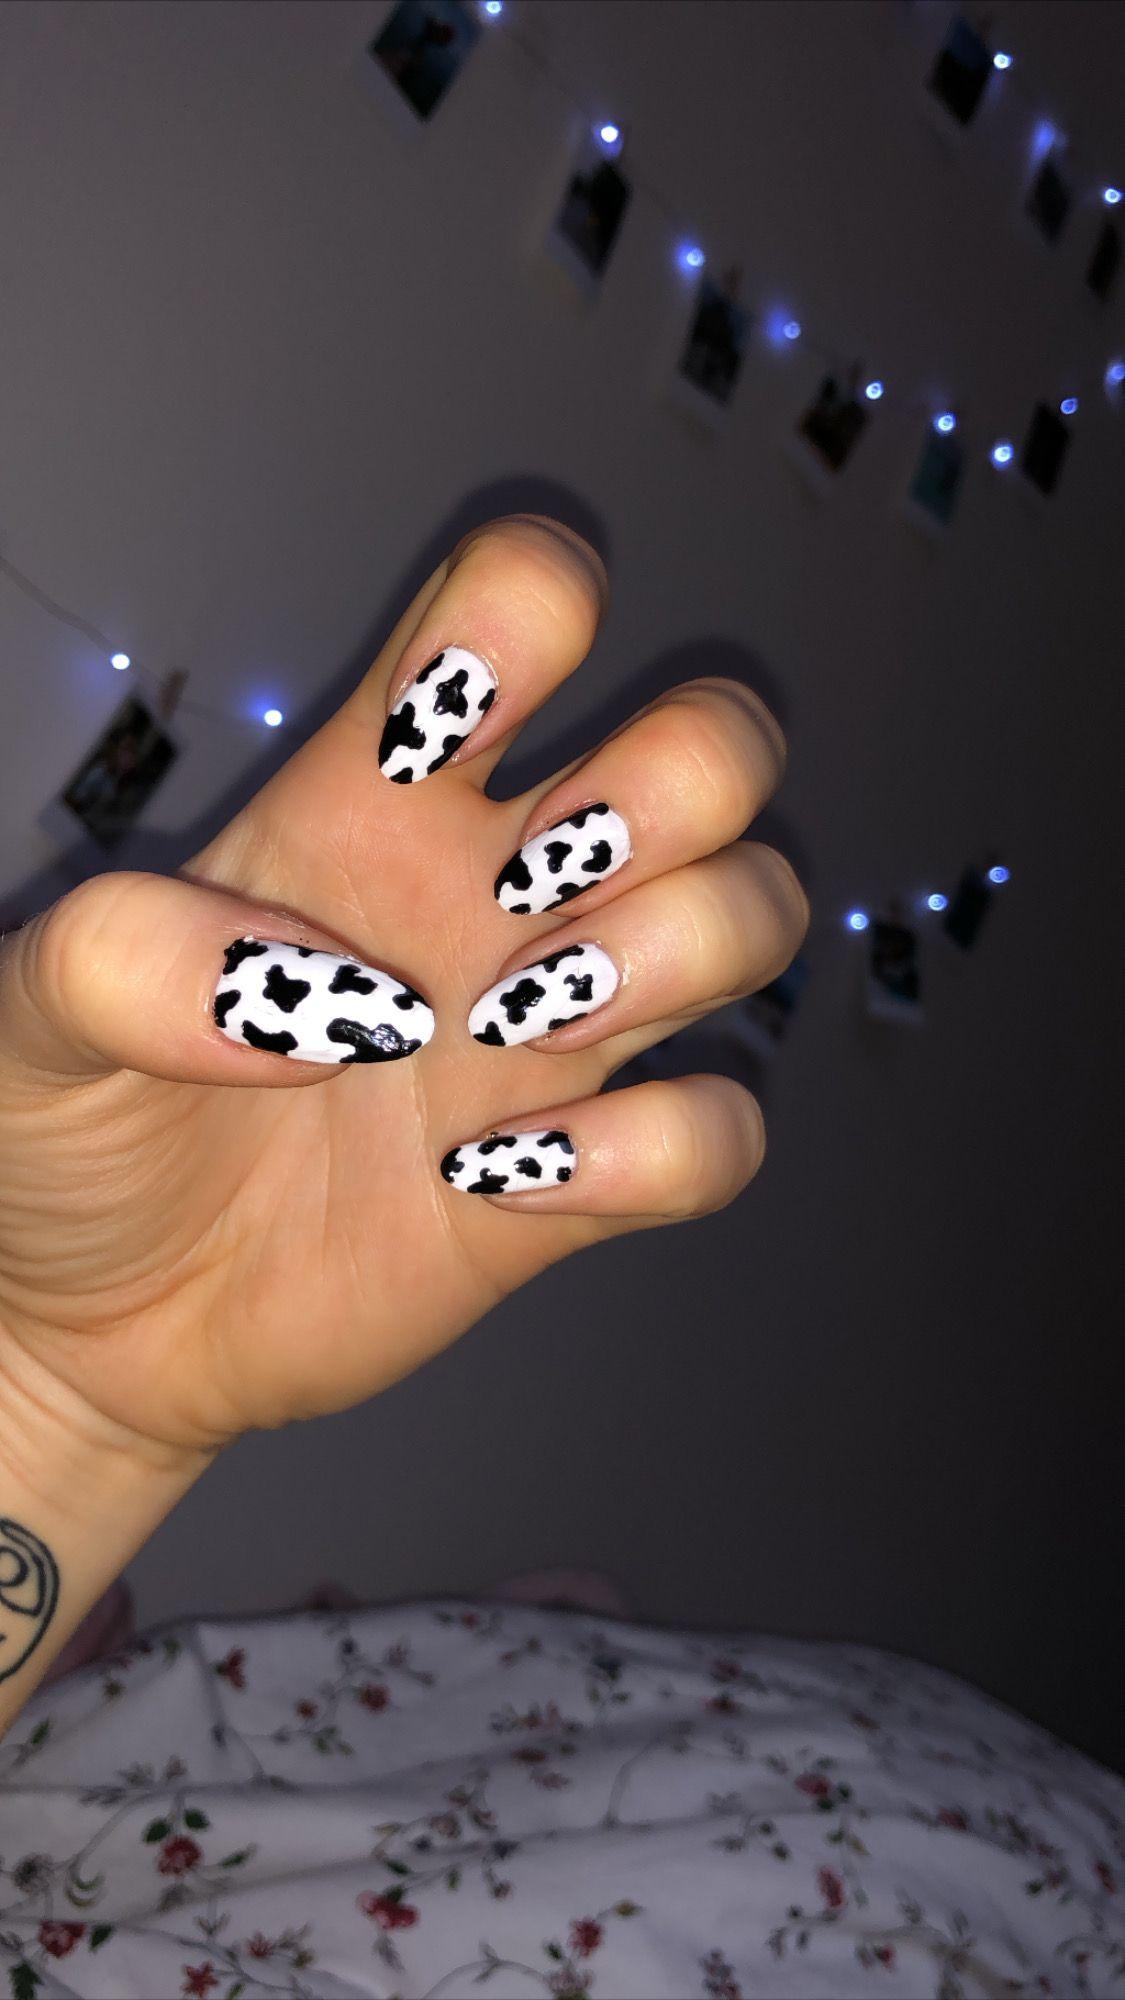 Cow Nails En 2020 Unas